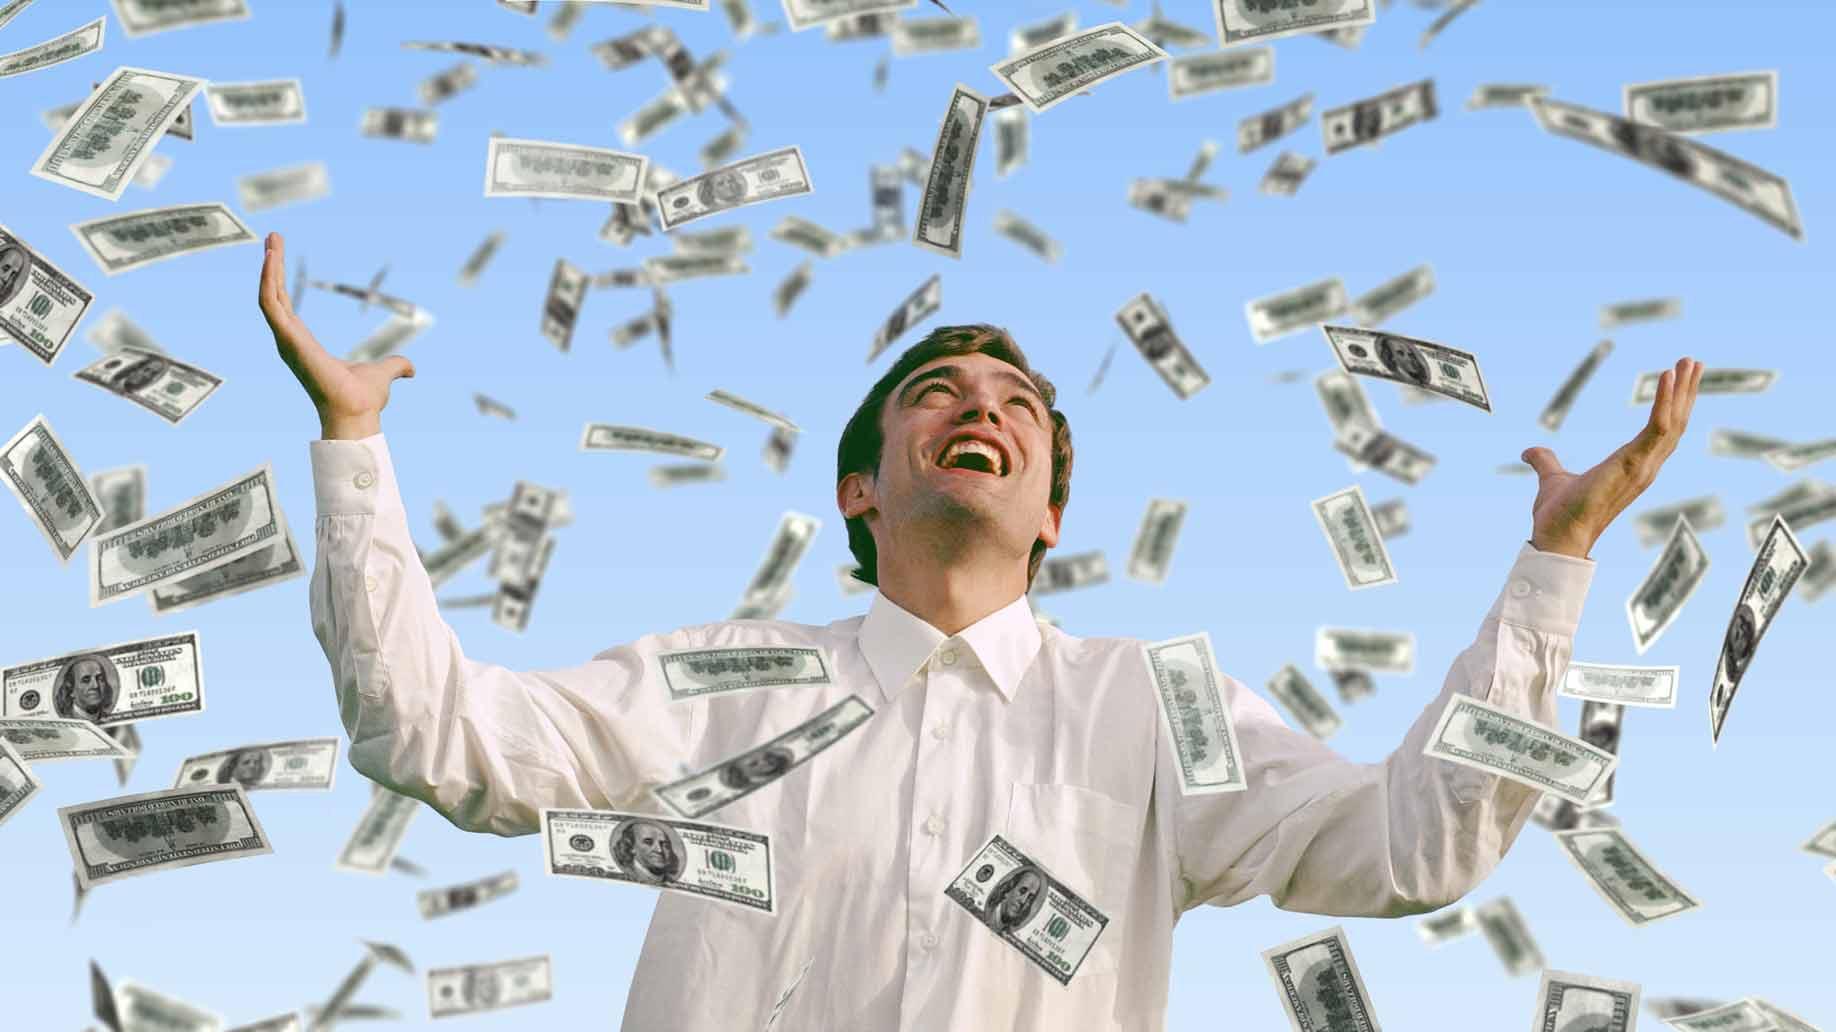 Dốc sạch tiền tiết kiệm khao trúng xổ số, sau một đêm thức dậy chàng trai phát hiện sự thật hụt hẫng - Ảnh 2.